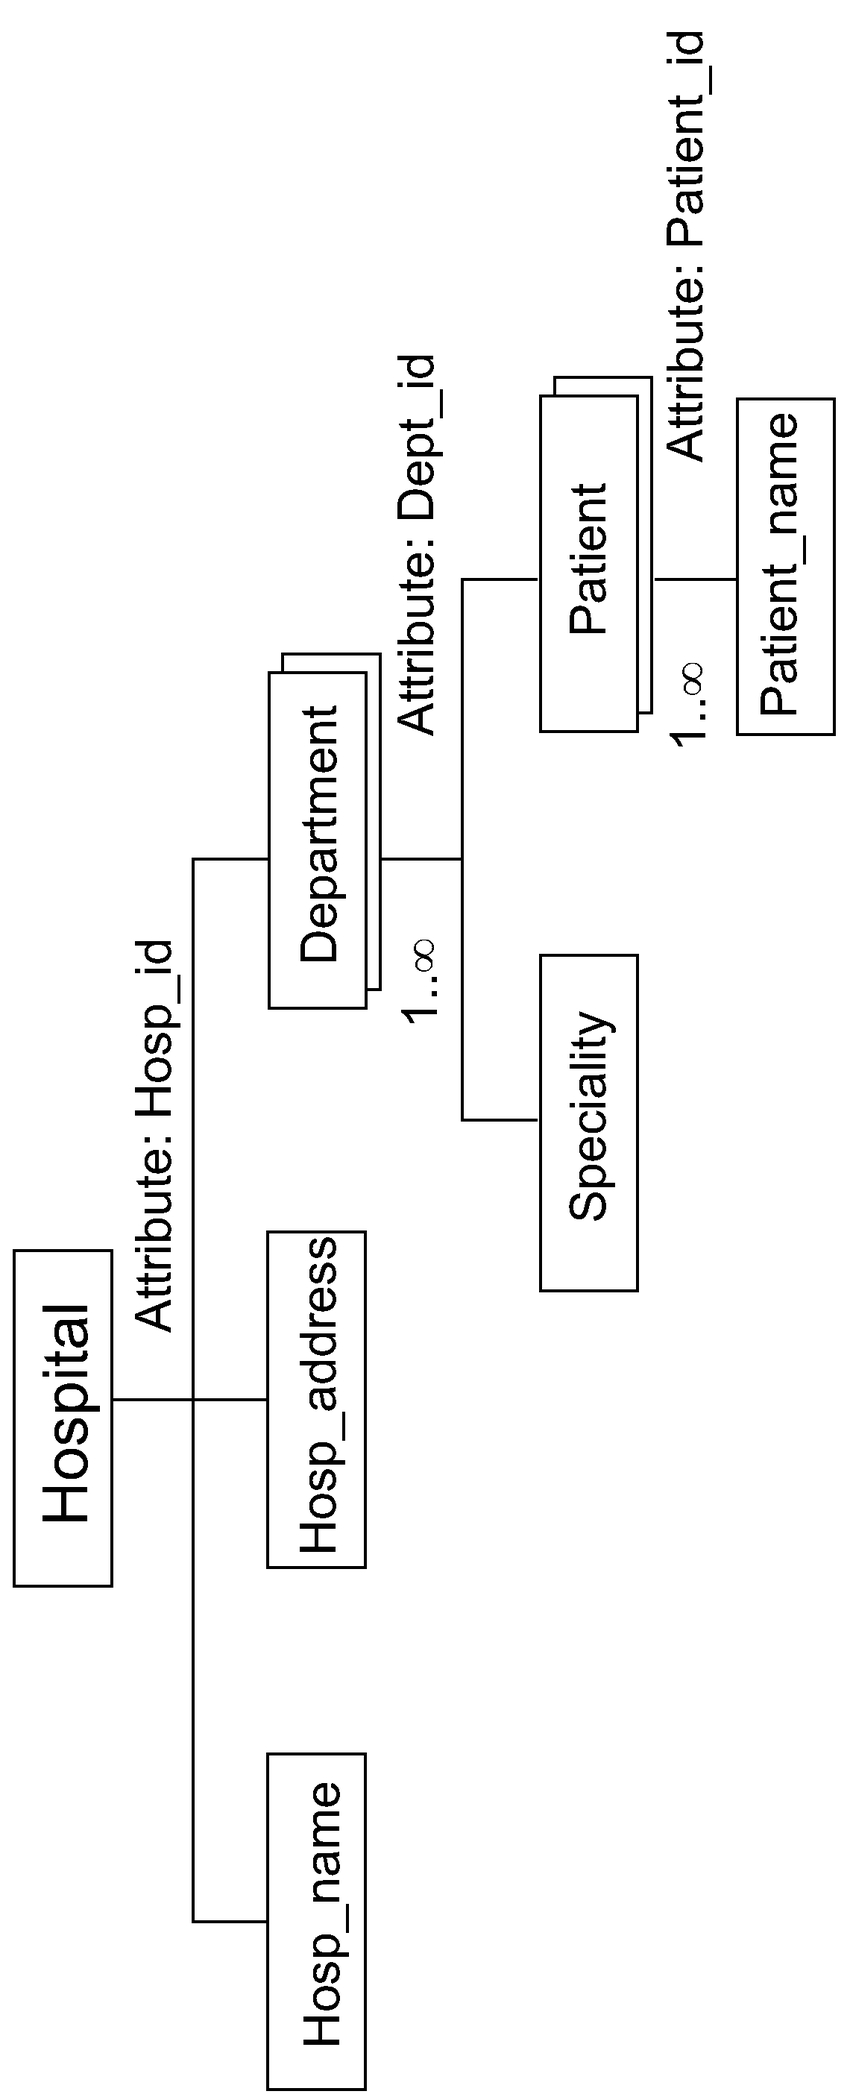 Example Of Xml Schema | Download Scientific Diagram throughout Er Diagram To Xml Schema